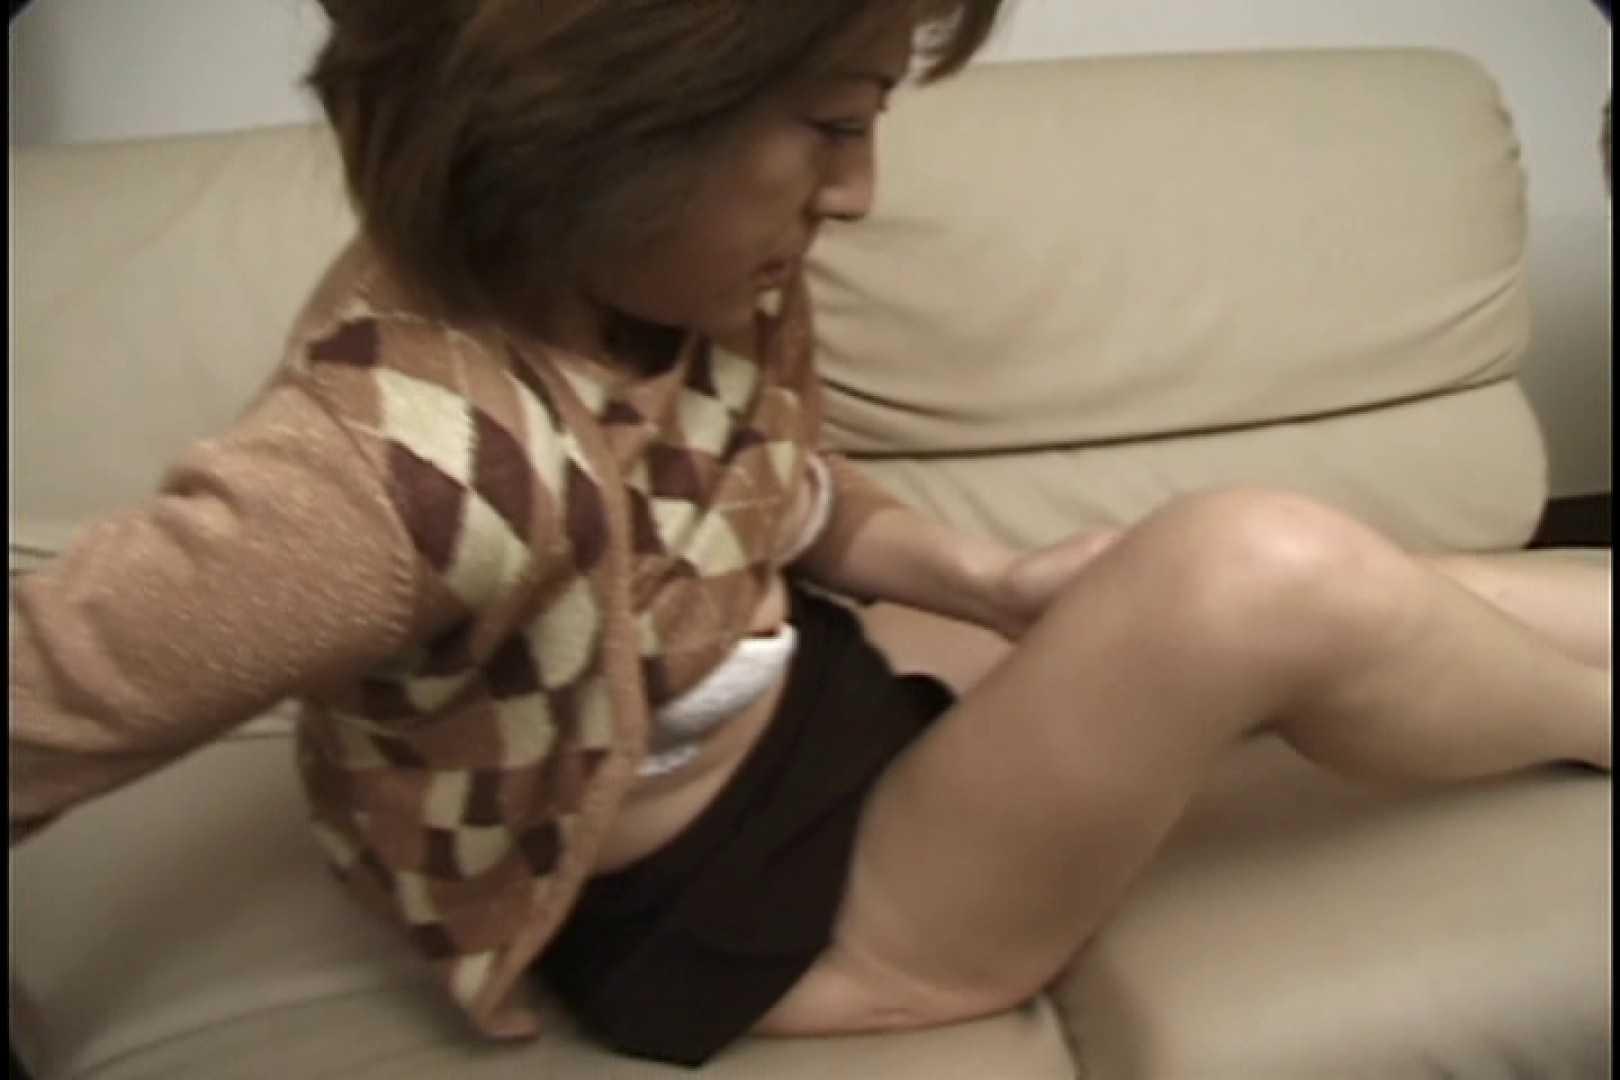 昼間の奥様は欲求不満 ~石川麻紀~ 熟女のエッチ  102pic 40